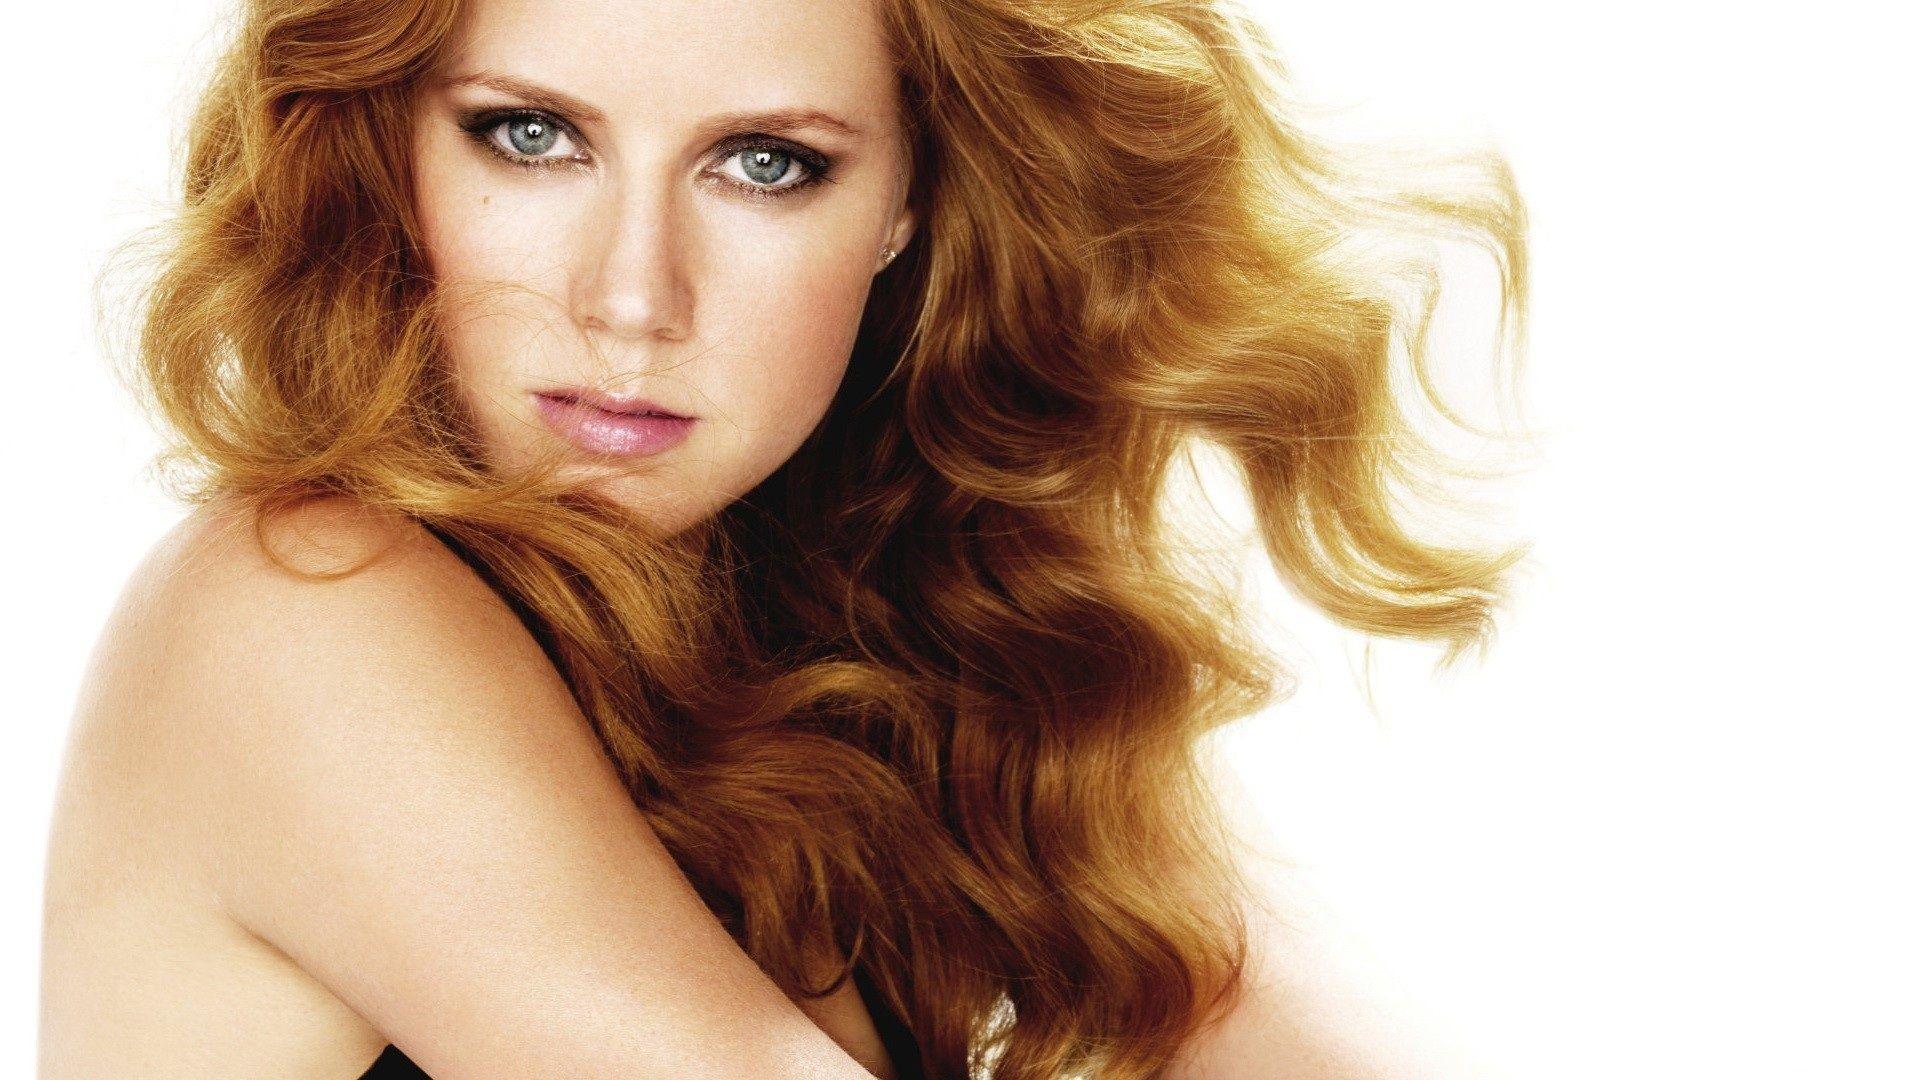 Beautiful Amy Adams 16776 1920x1080 Px Hdwallsource Com Amy Adams Beauty Beautiful Redhead